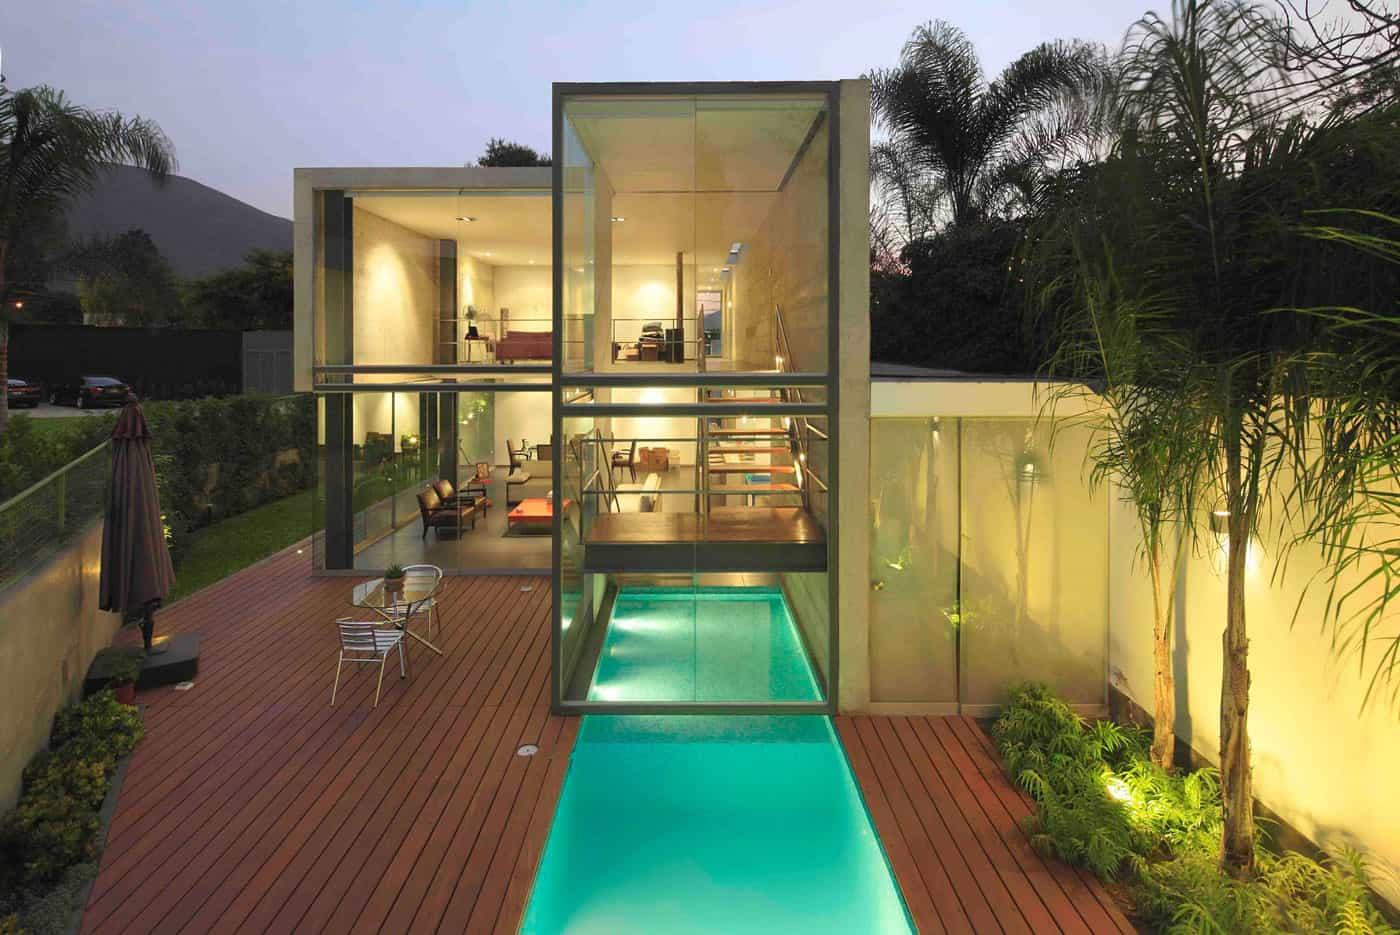 House in La Planicie by Doblado Arquitectos